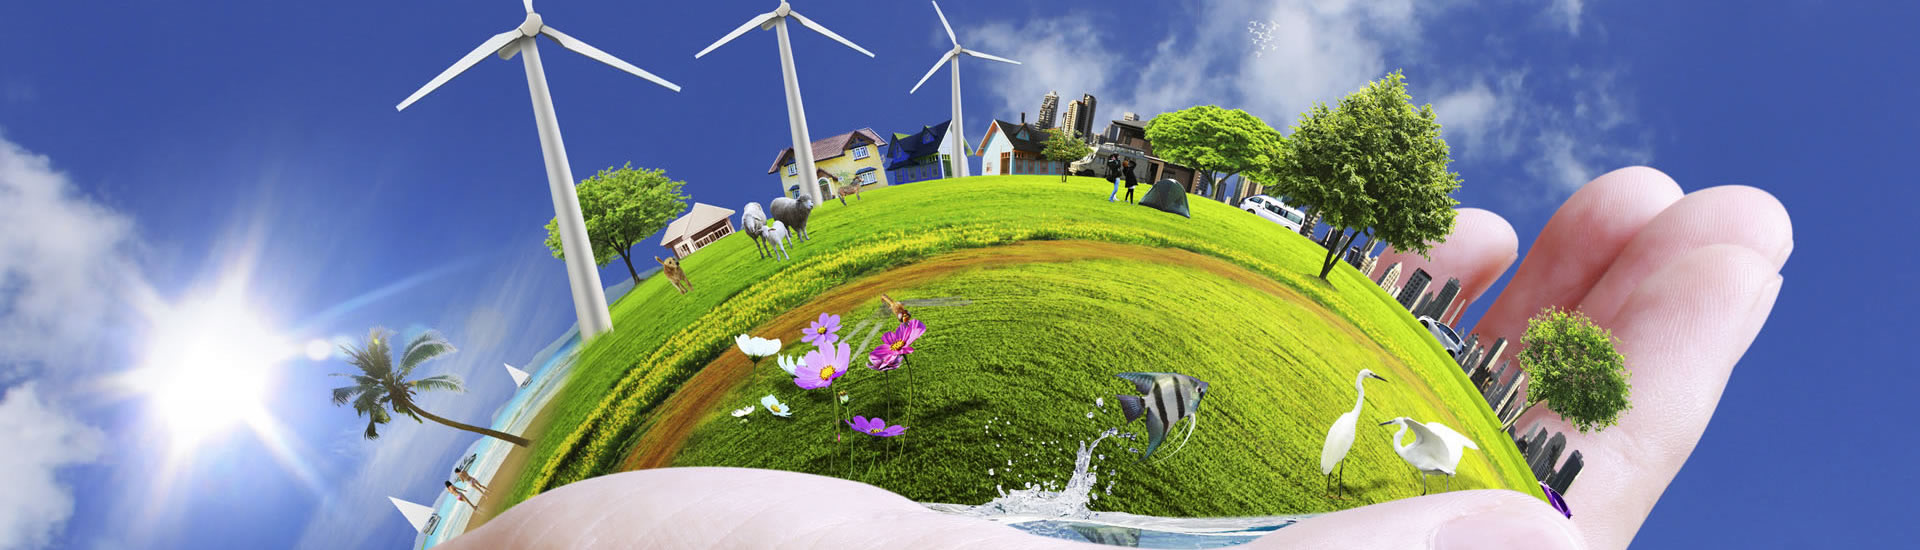 Que es la Sustentabilidad